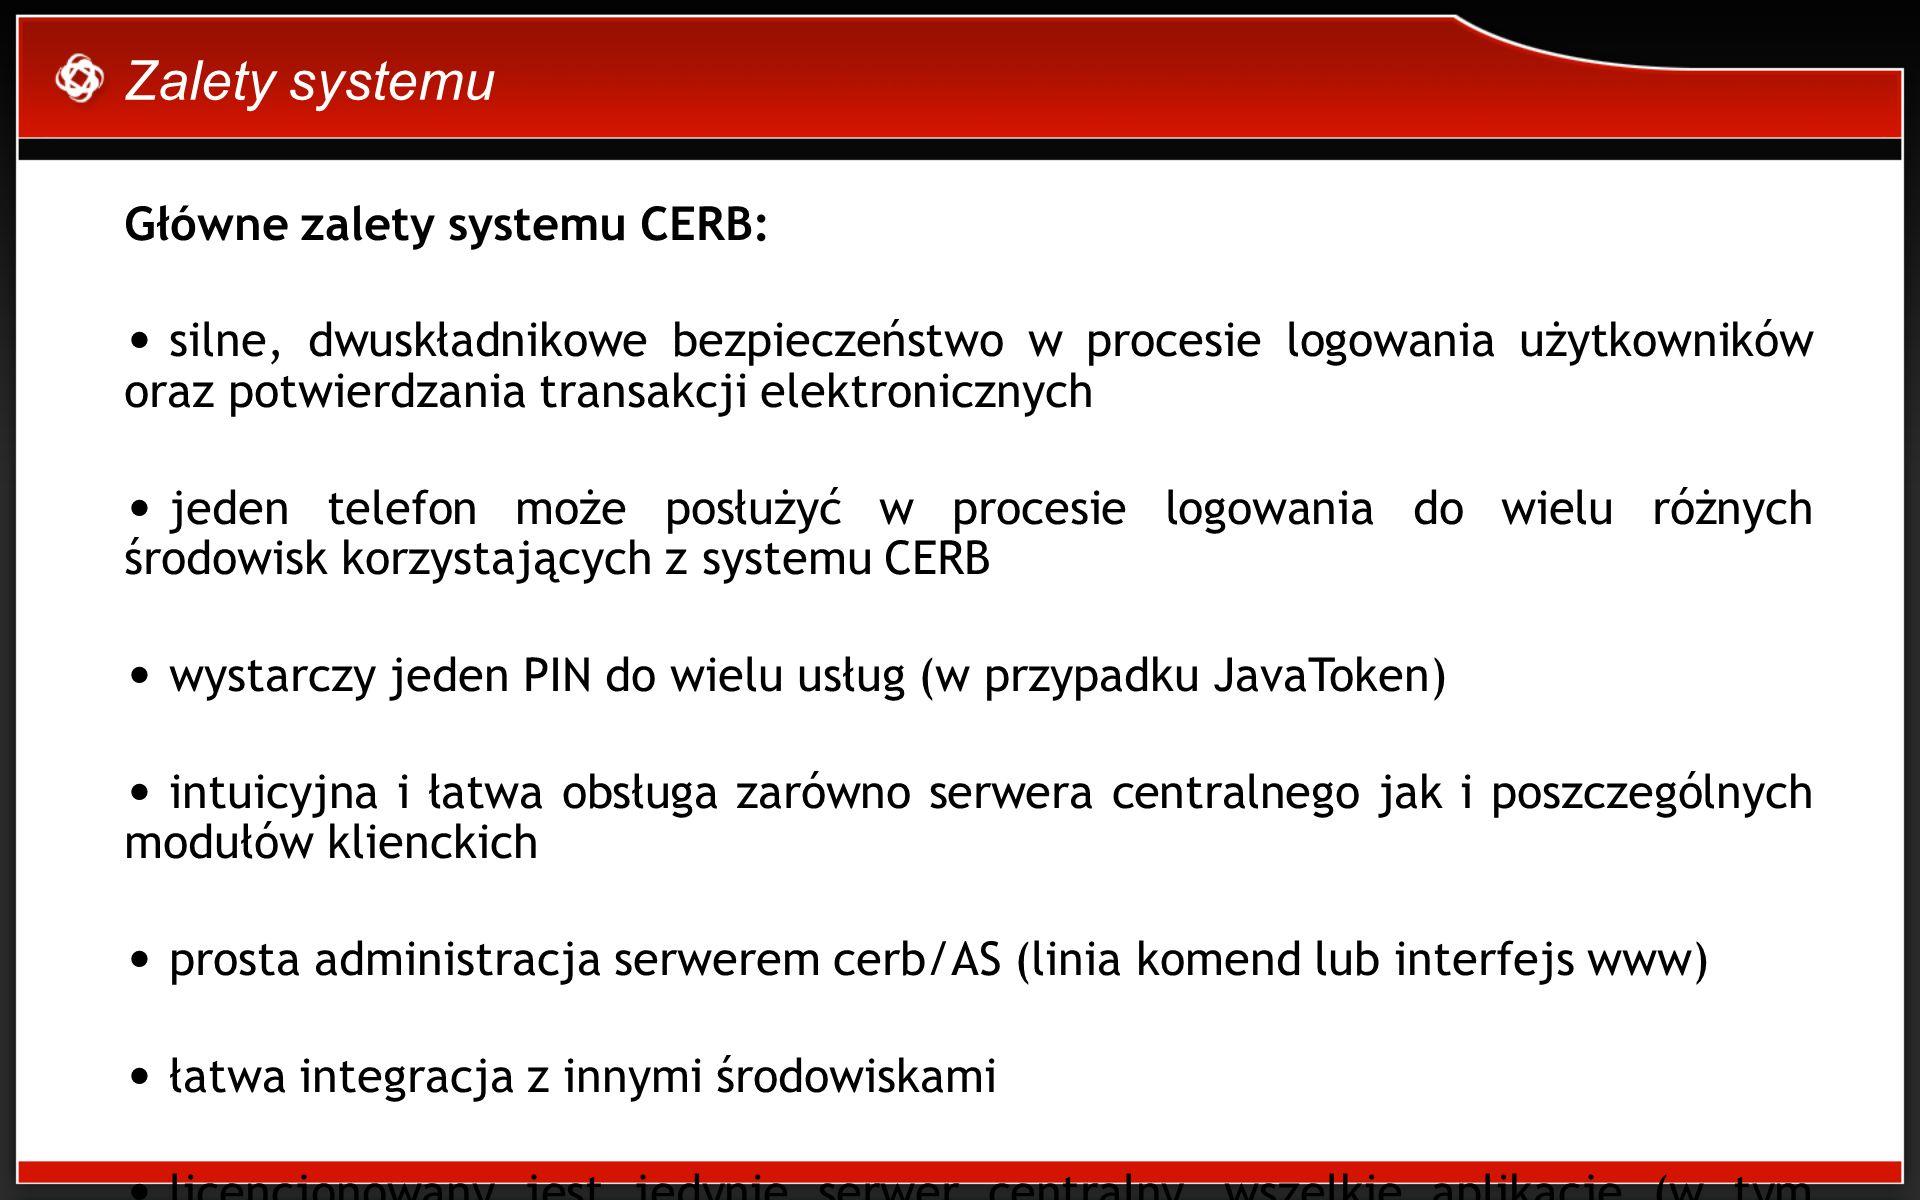 Zalety systemu Główne zalety systemu CERB: silne, dwuskładnikowe bezpieczeństwo w procesie logowania użytkowników oraz potwierdzania transakcji elektronicznych jeden telefon może posłużyć w procesie logowania do wielu różnych środowisk korzystających z systemu CERB wystarczy jeden PIN do wielu usług (w przypadku JavaToken) intuicyjna i łatwa obsługa zarówno serwera centralnego jak i poszczególnych modułów klienckich prosta administracja serwerem cerb/AS (linia komend lub interfejs www) łatwa integracja z innymi środowiskami licencjonowany jest jedynie serwer centralny, wszelkie aplikacje (w tym JavaToken) są dostarczane bezpłatnie tworzony i rozwijany w Polsce